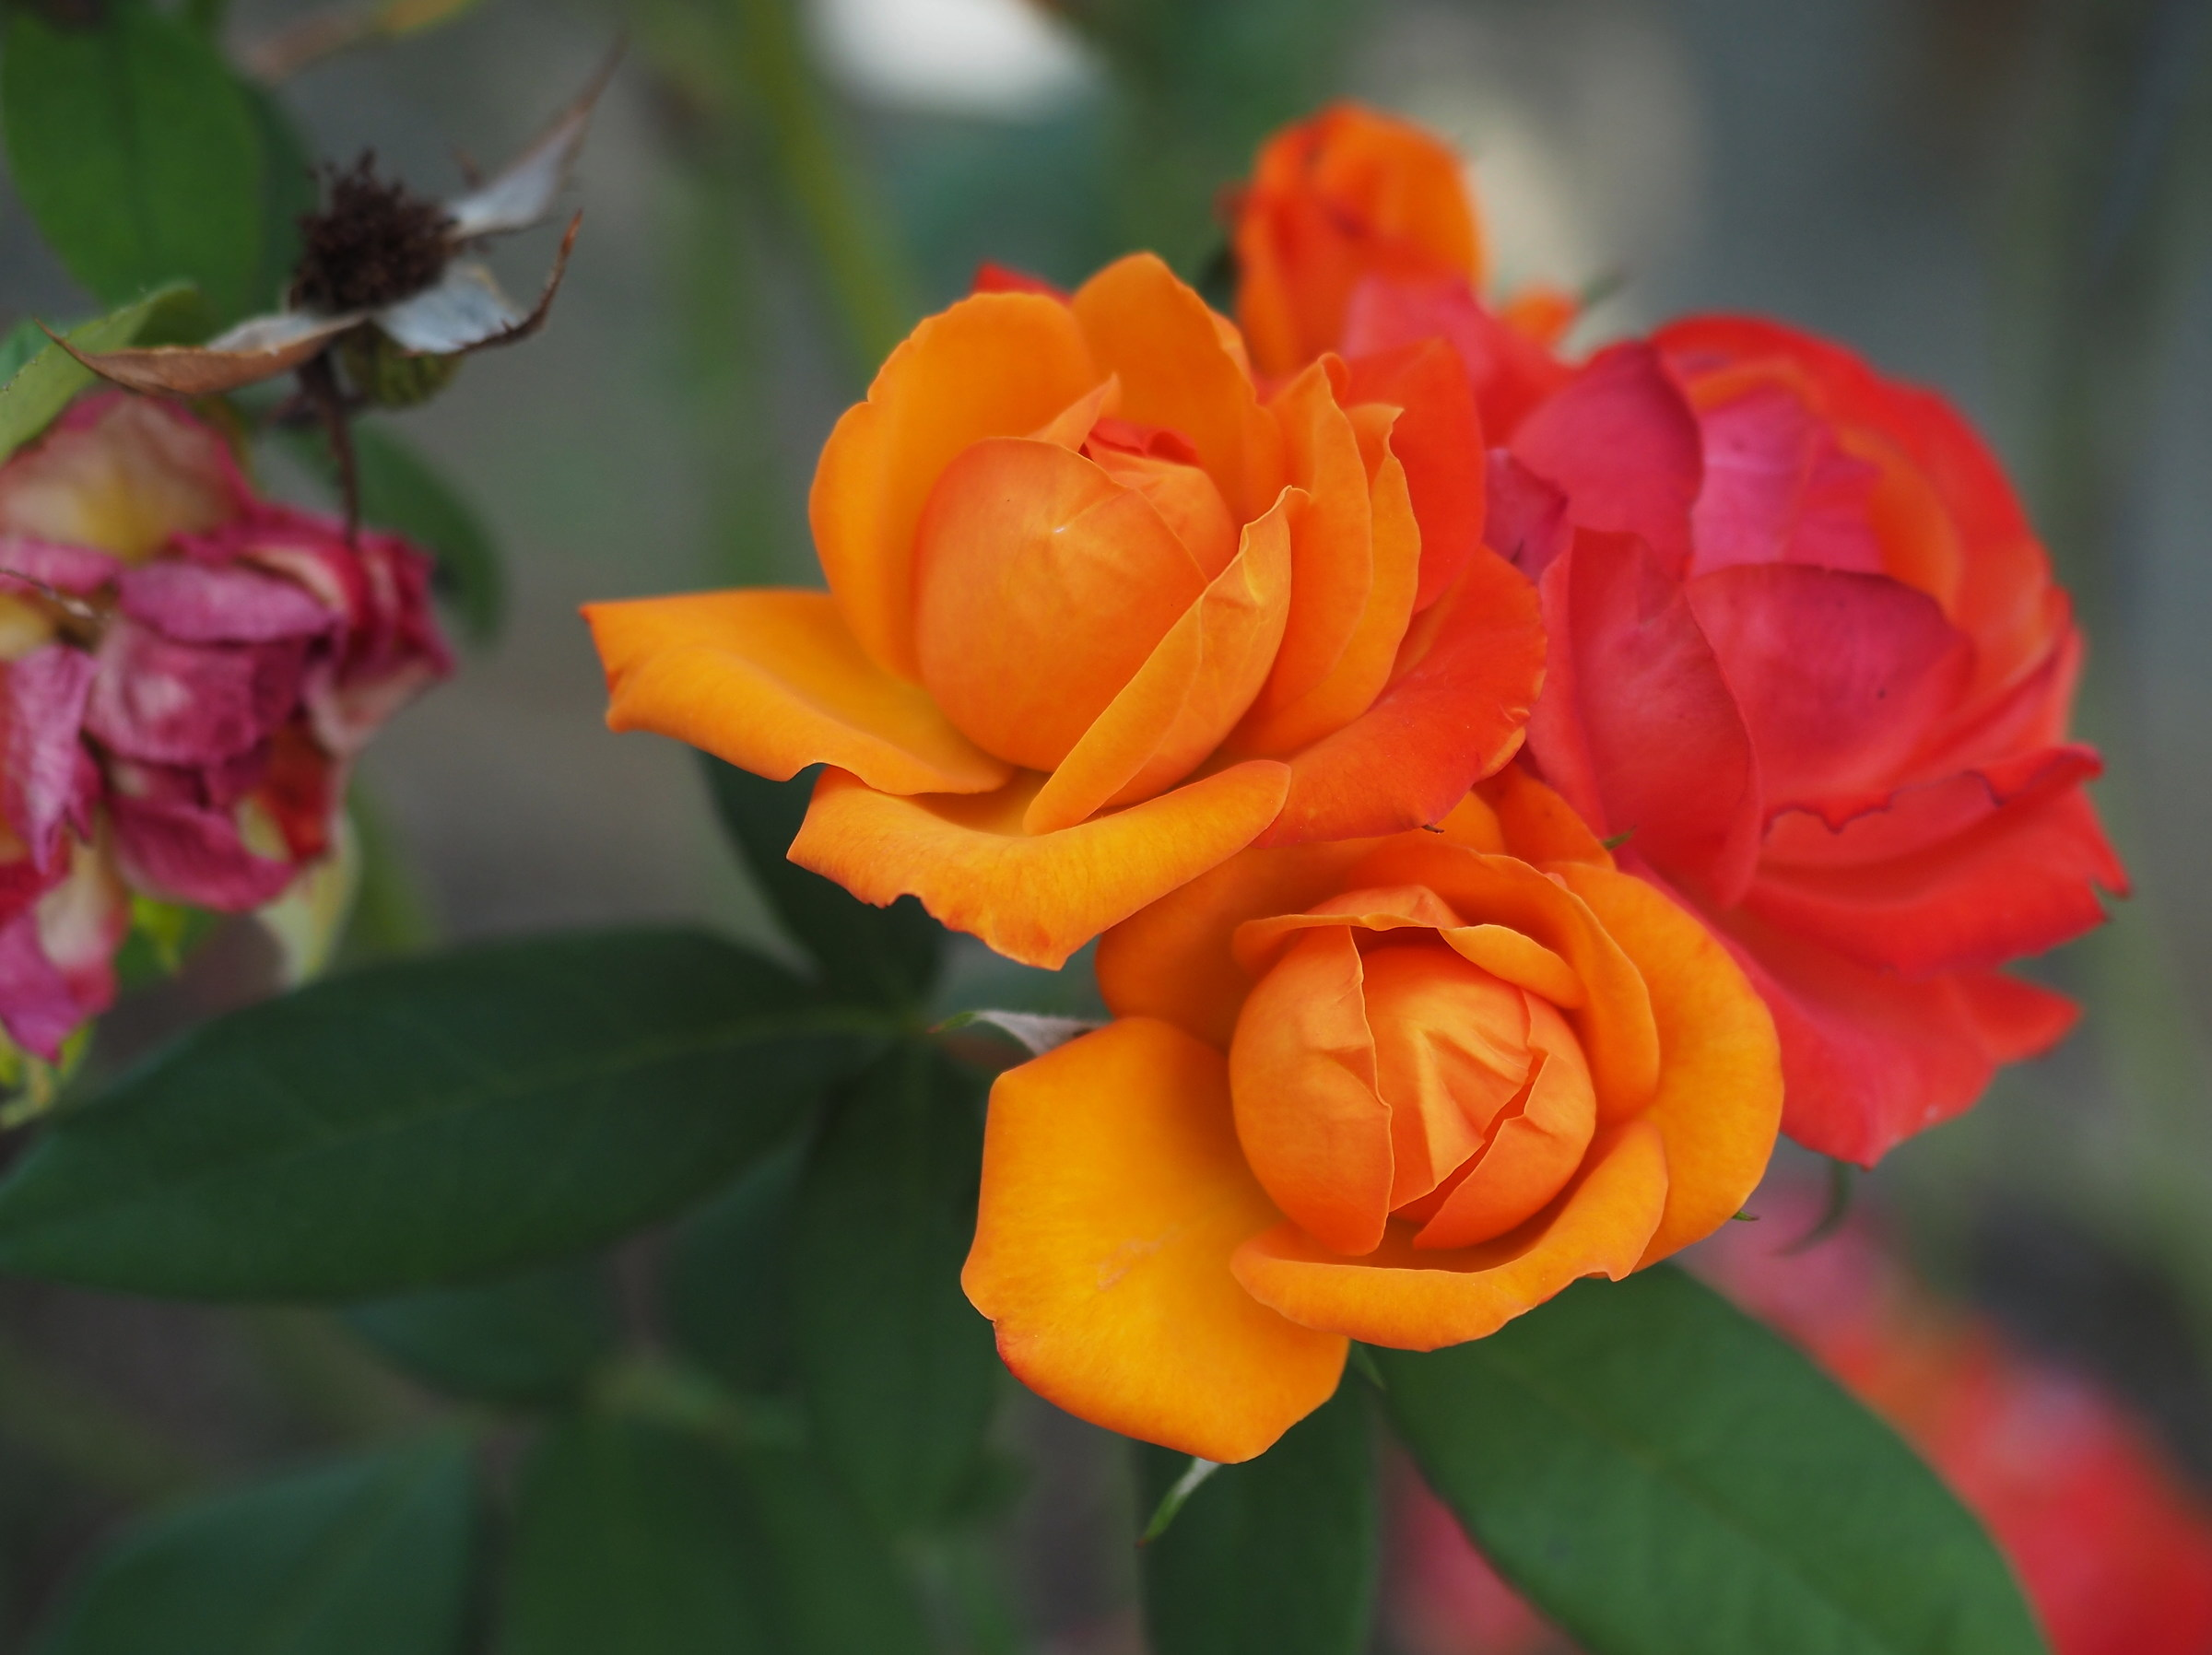 rose in September...